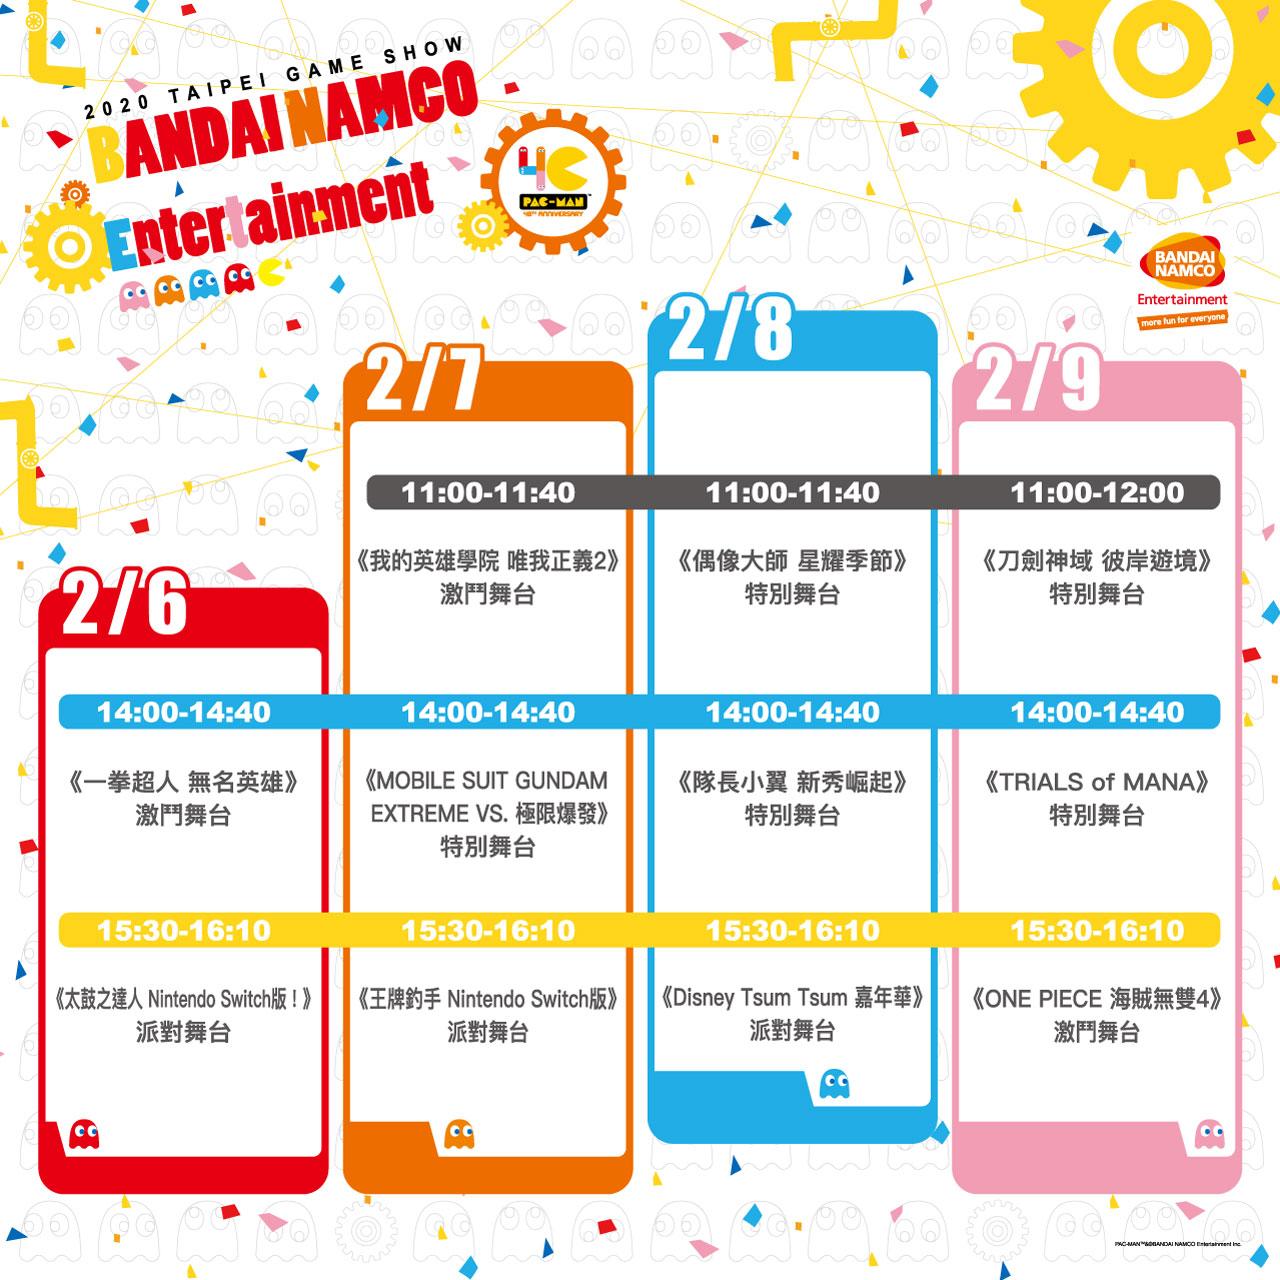 台灣萬代南夢宮娛樂 電玩展獨家好禮攻略公開 2020tp10